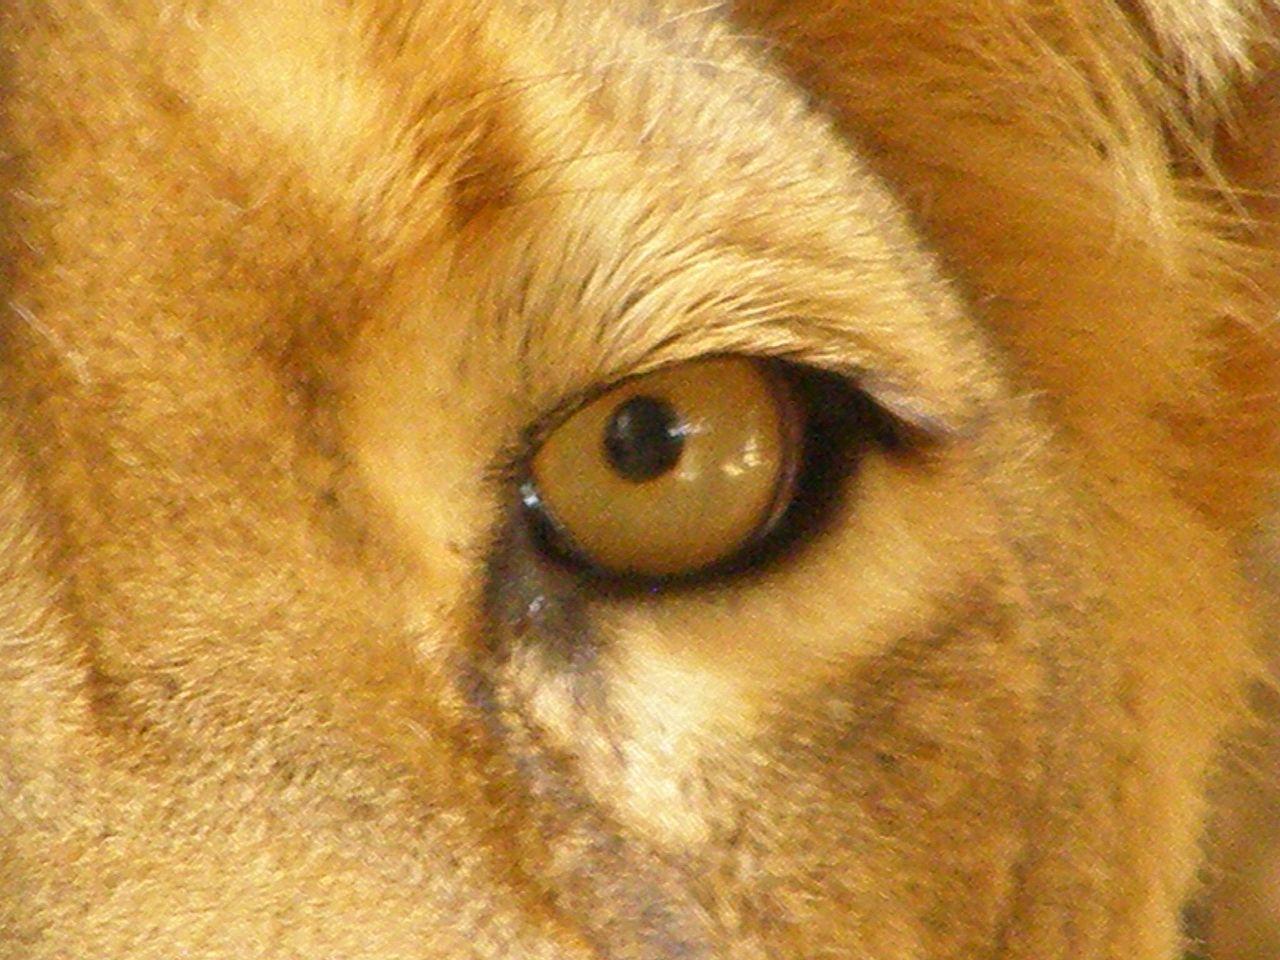 file lion panthera leo eye close up jpg wikimedia commons